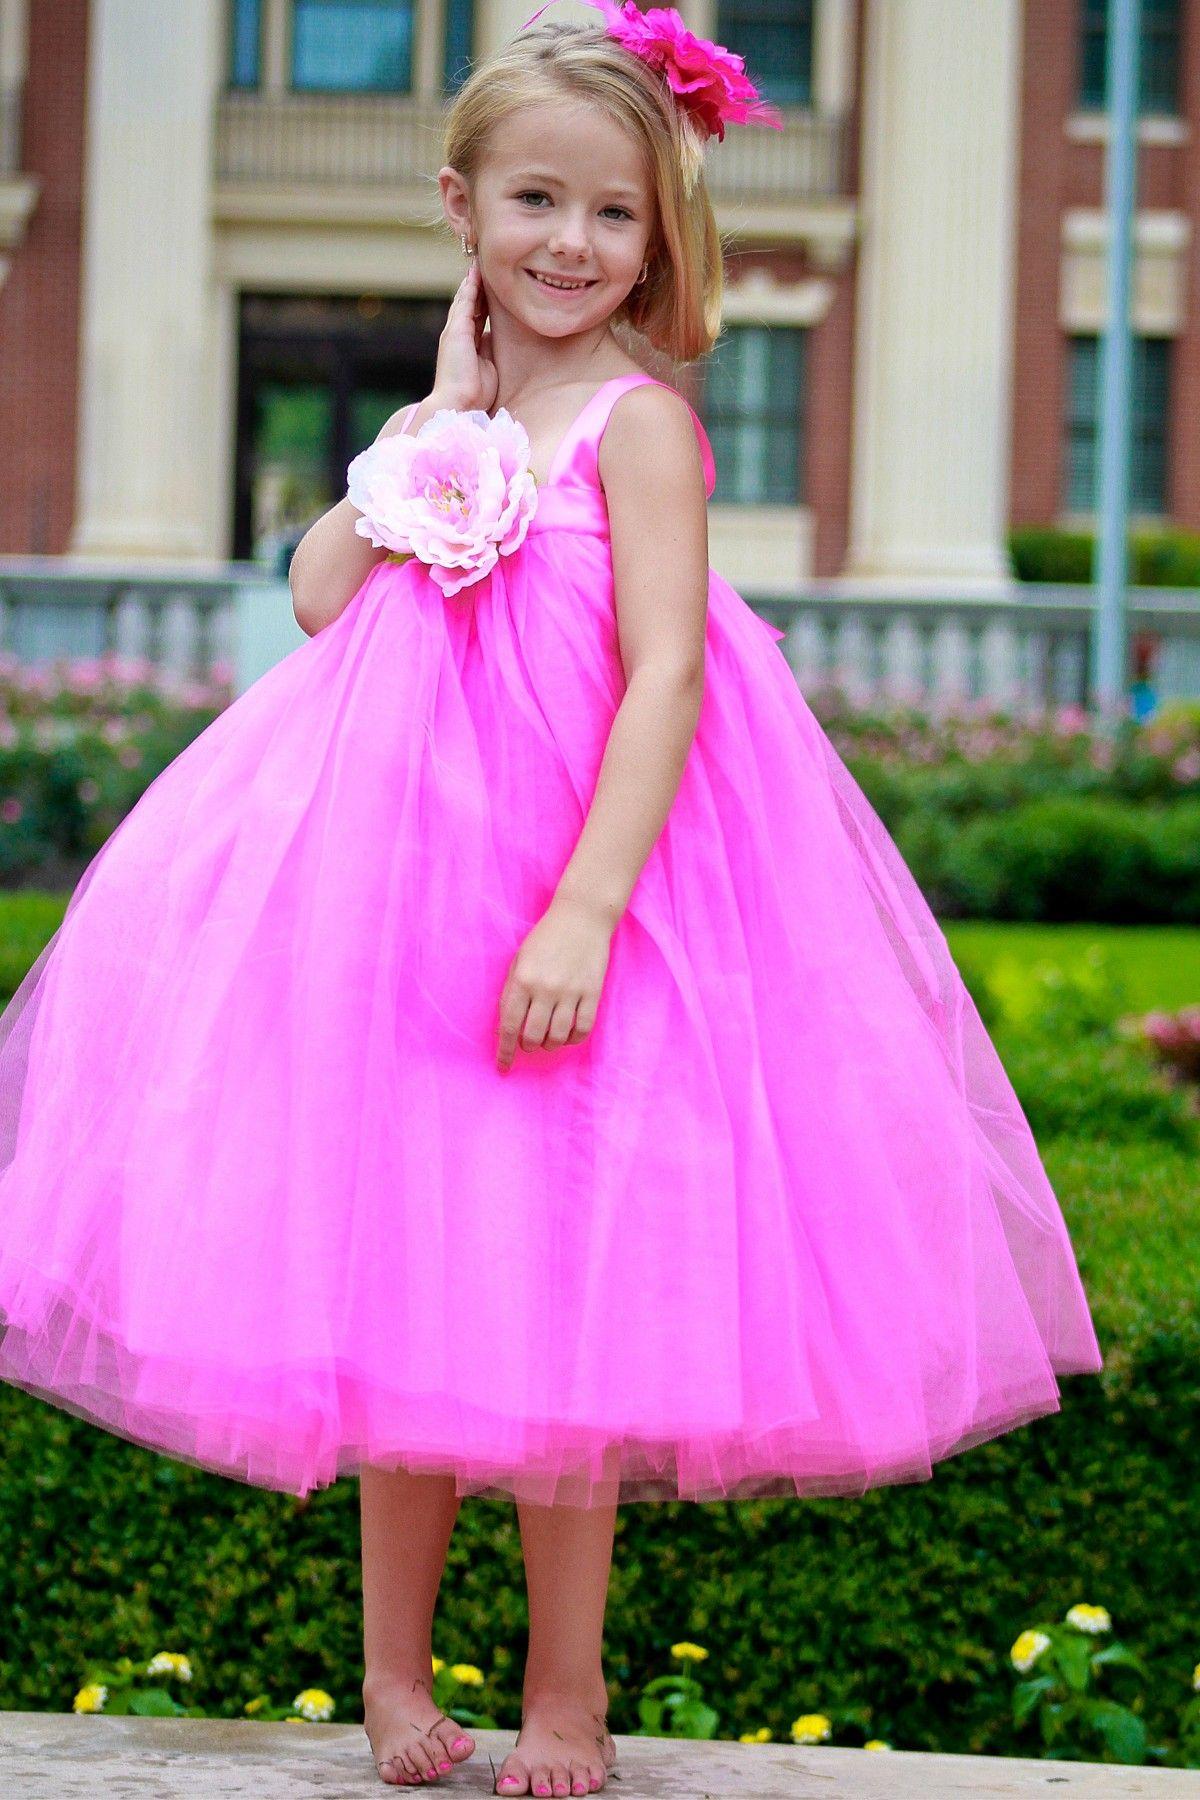 Park Art My WordPress Blog_Red Flower Girl Dresses For Toddlers